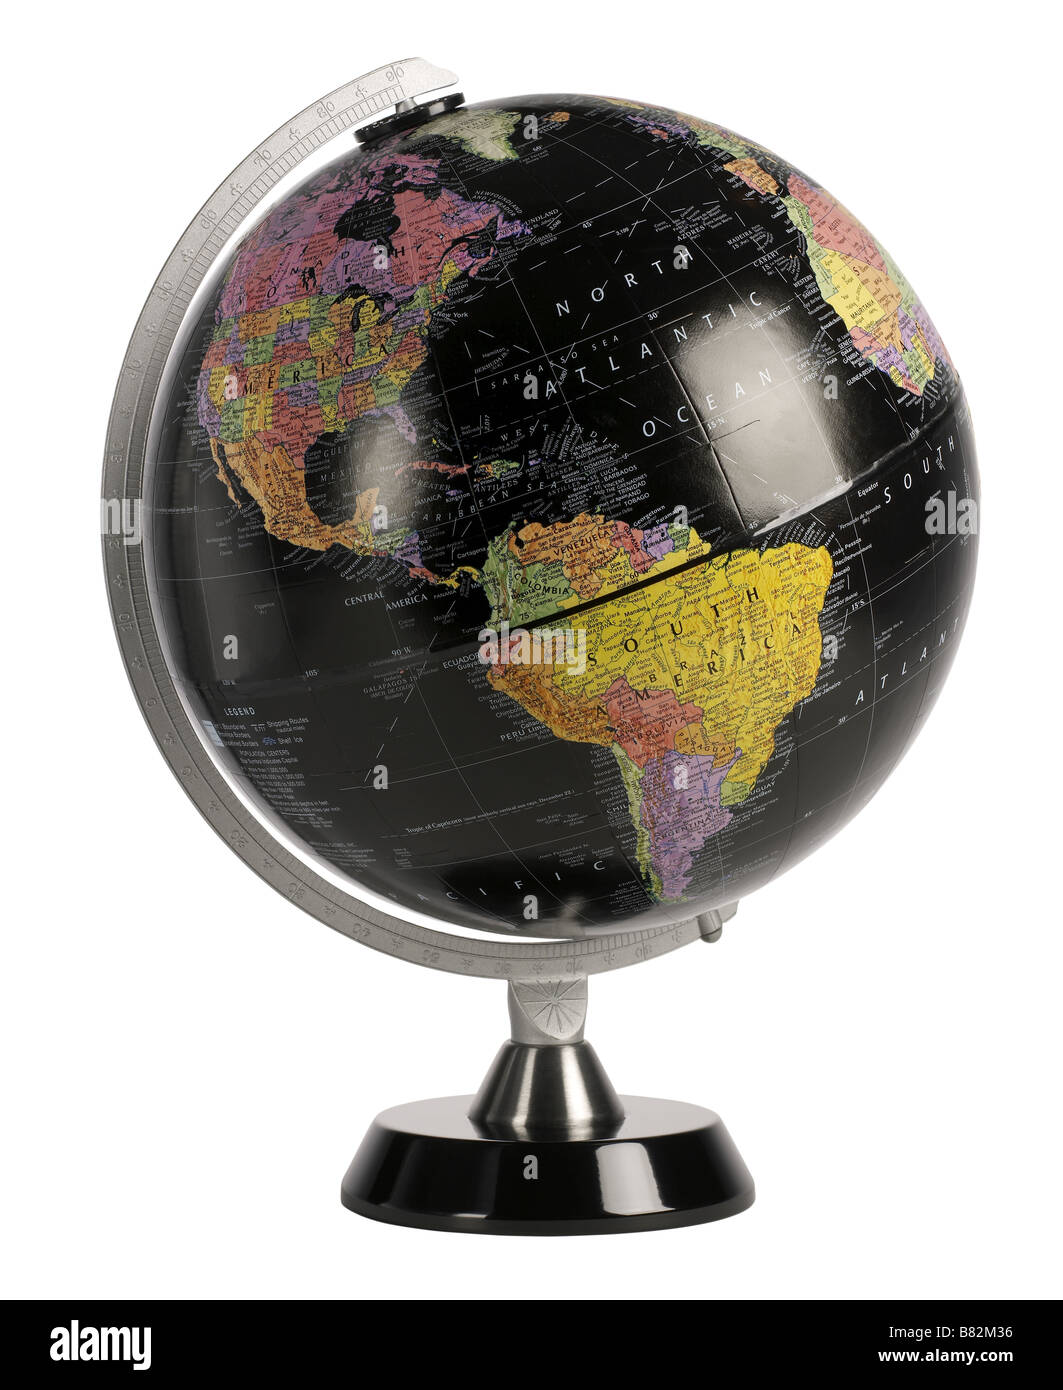 Black World Globe - Stock Image